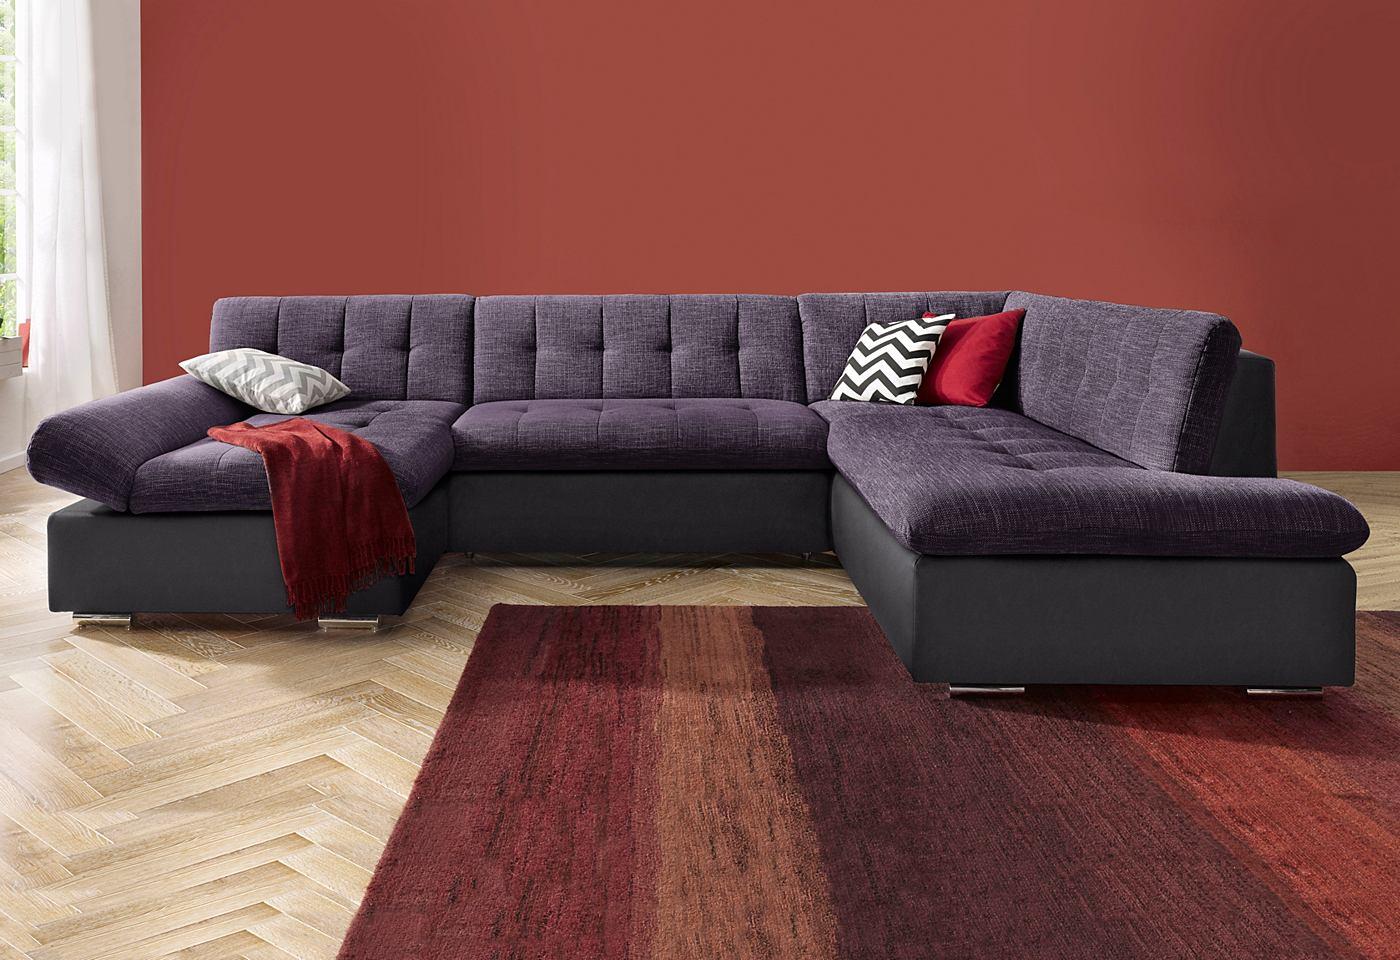 Microgaren primabelle structuurstof bank zithoek 2 zits en 3 zits banken online bestellen - Lounge grijs en paars ...